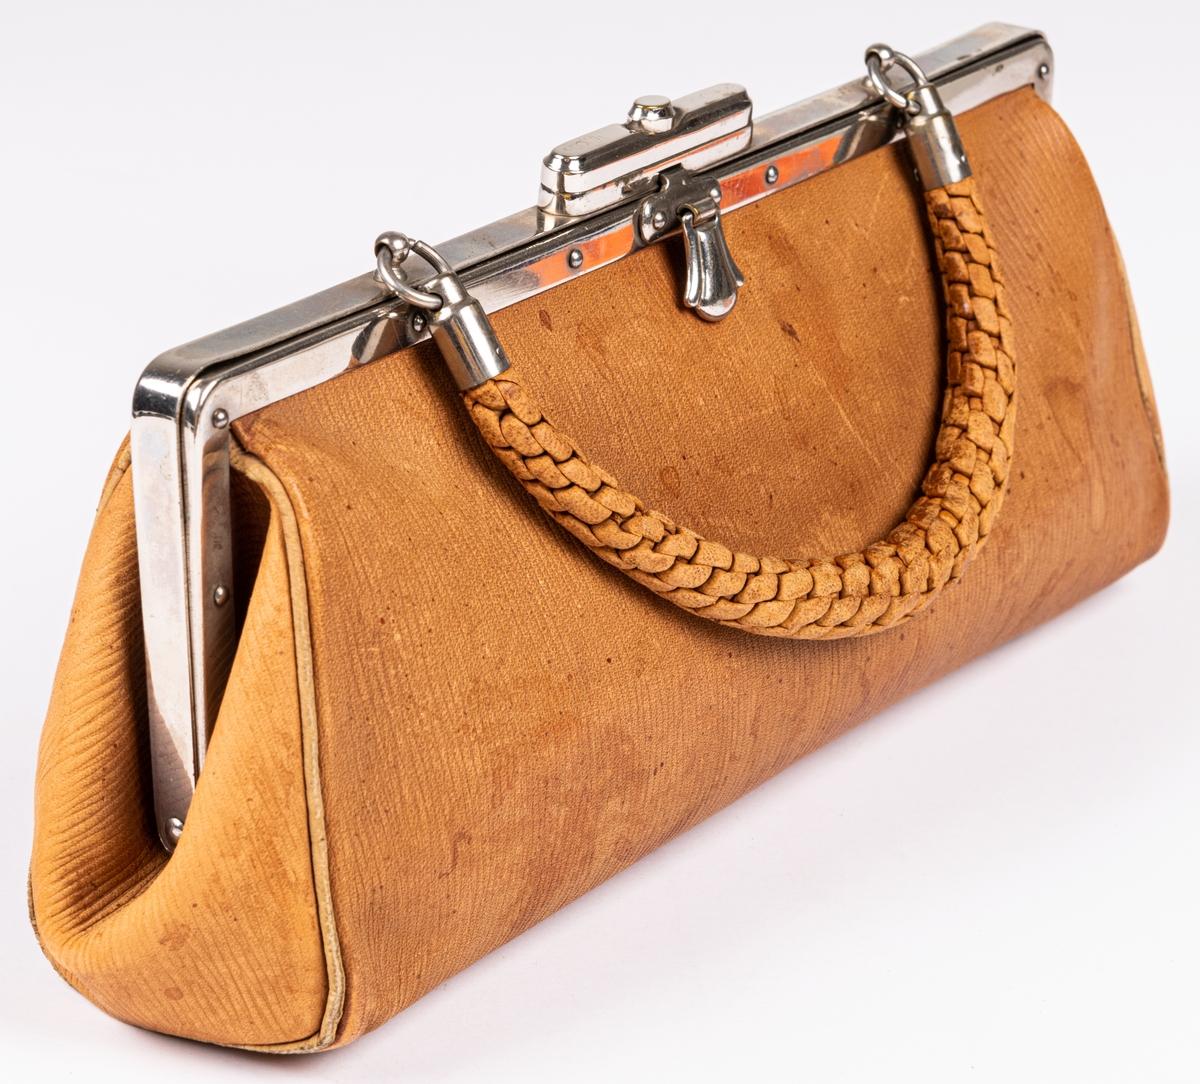 Handväska av gult kalvskinn, bygel av nickel, handtag av flätat skinn.